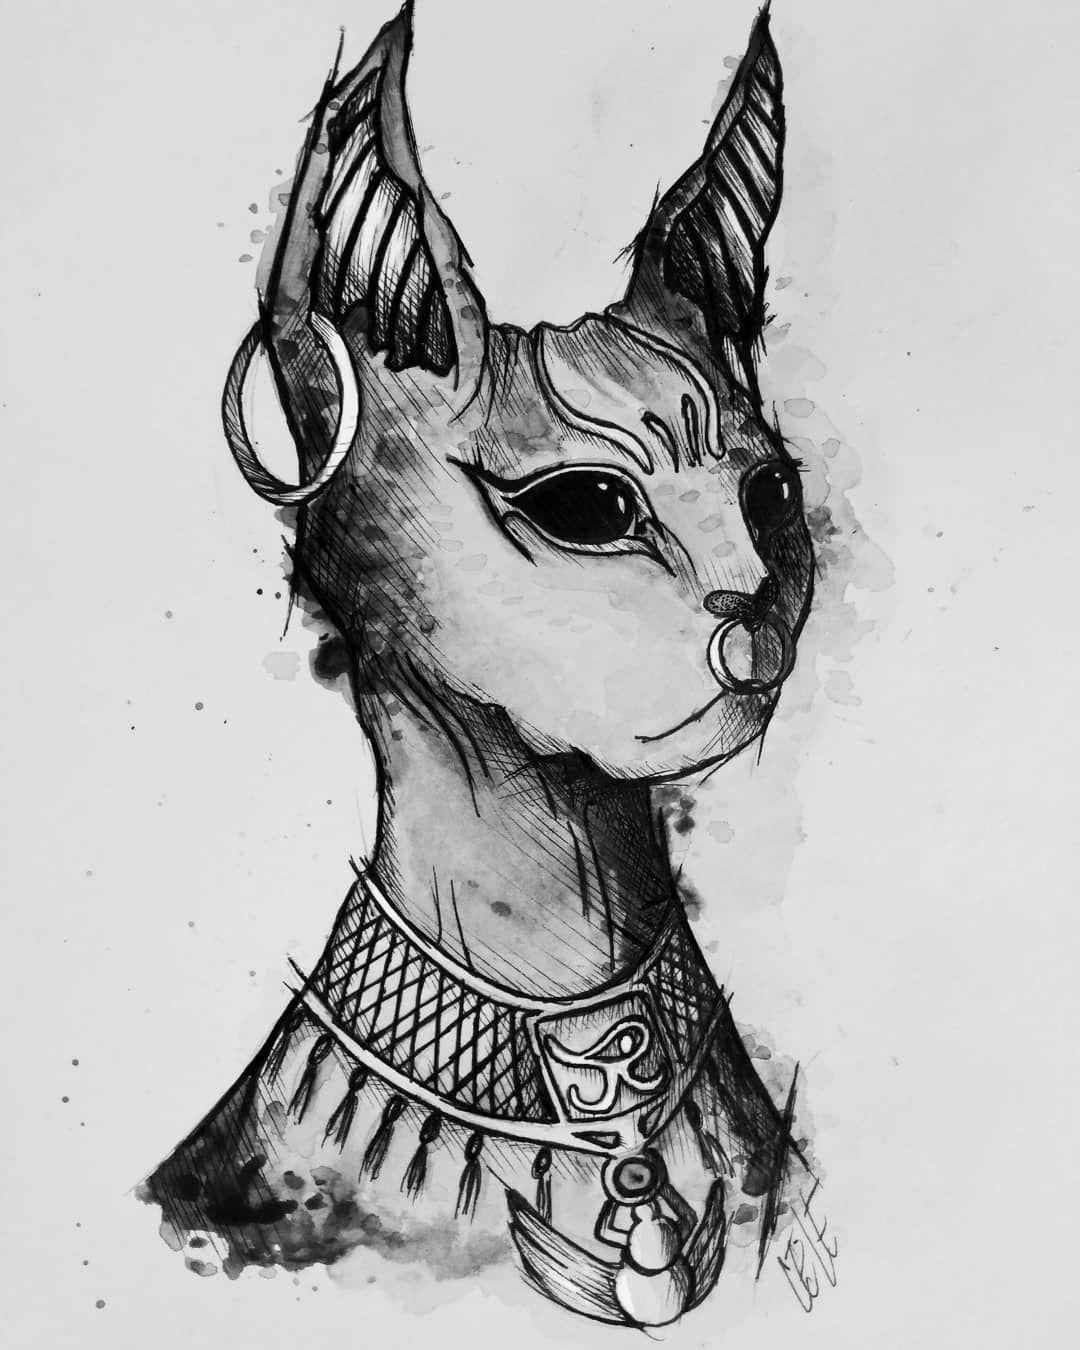 Bastet #acuarela #dibujo #ilustracion #drawing #cat #gato #bastet #egipto  #diosa | Egipto dibujo, Tatuaje gato egipcio, Gatos egipcios